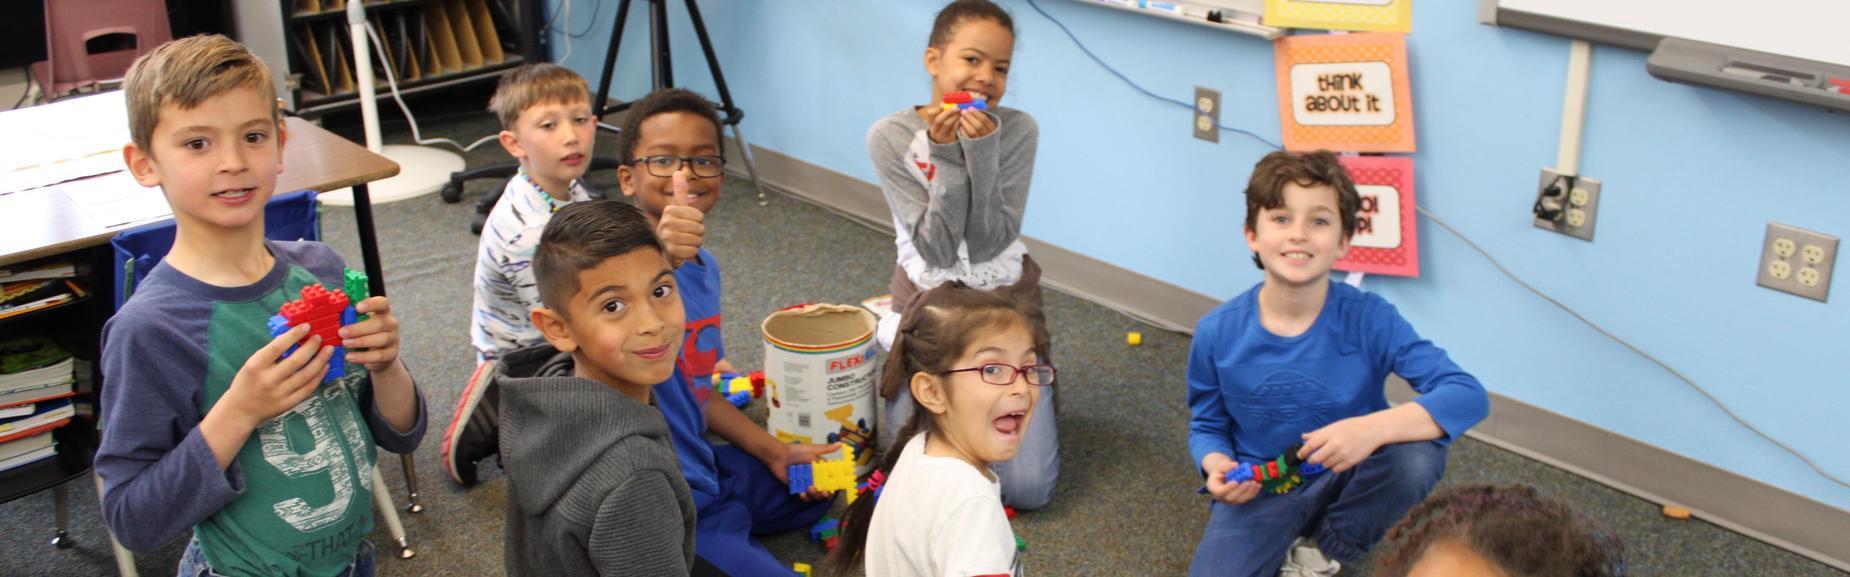 Lego STEM Fun